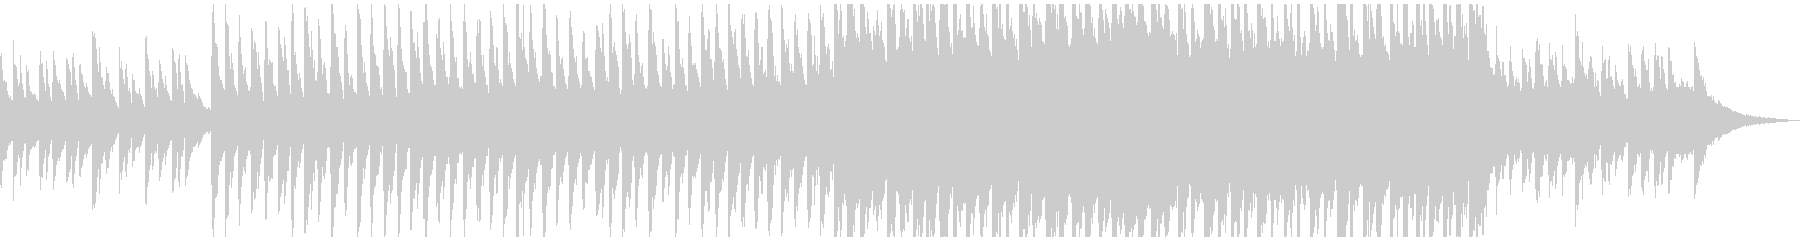 ティーン 現代の交響曲 劇的な 可...の未再生の波形